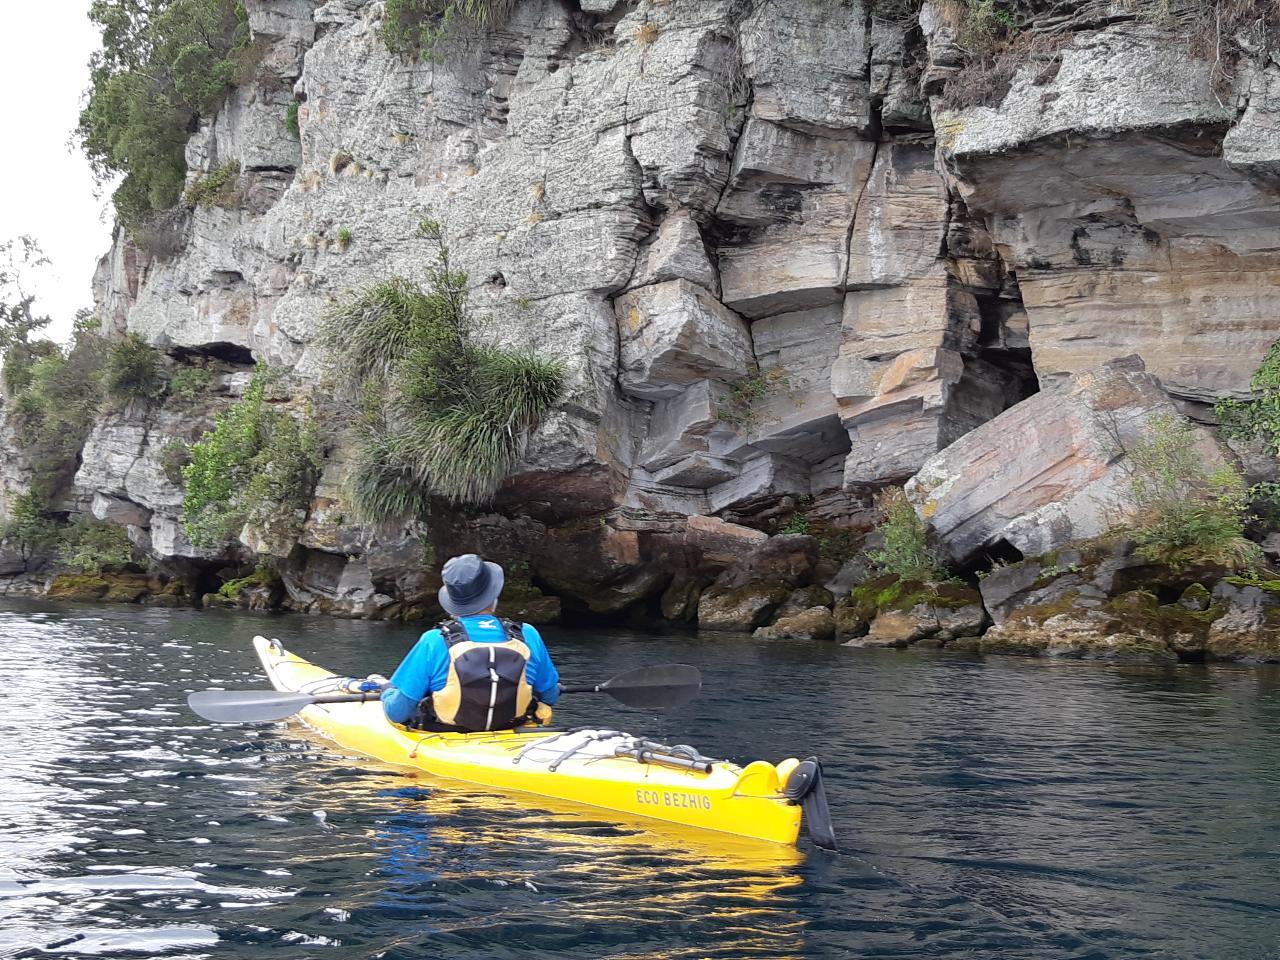 MTB & KAYAK - Mason's Rock Package (Kayaking & Mountain Biking Combo)